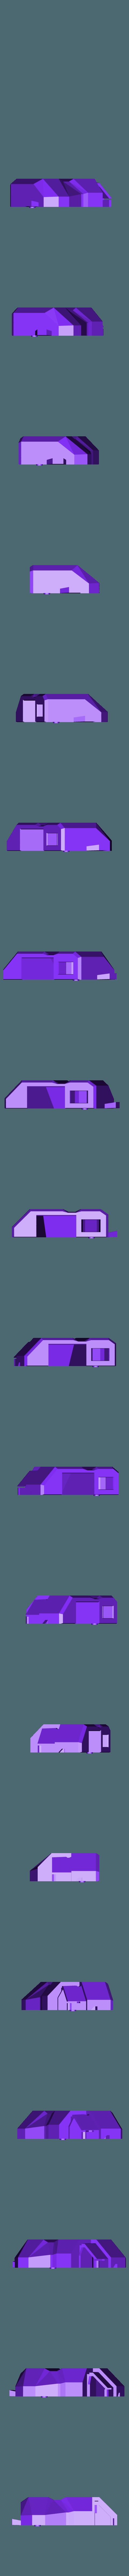 RR_bady_r.stl Télécharger fichier STL La course à pied Rhino • Modèle à imprimer en 3D, Amao